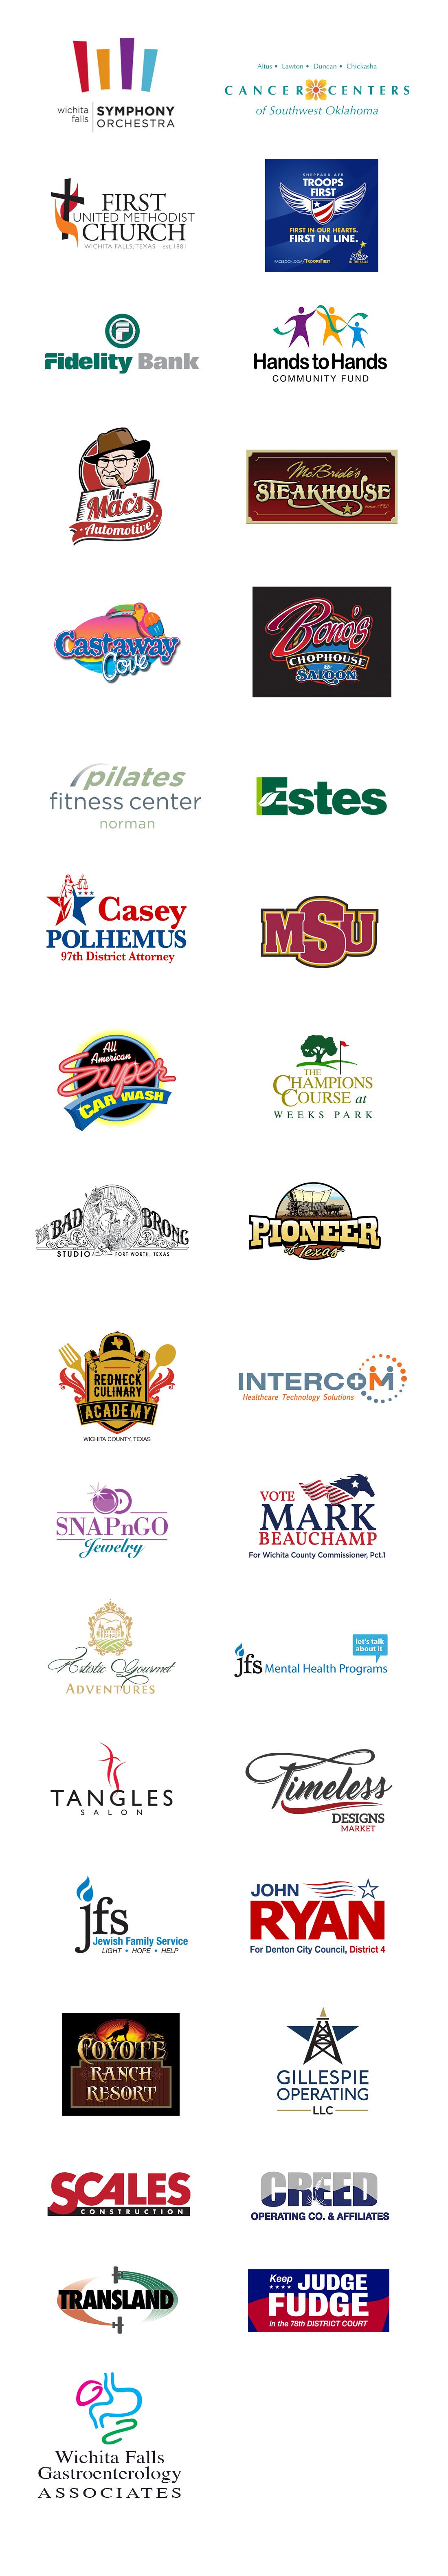 logos Gii Ad Group